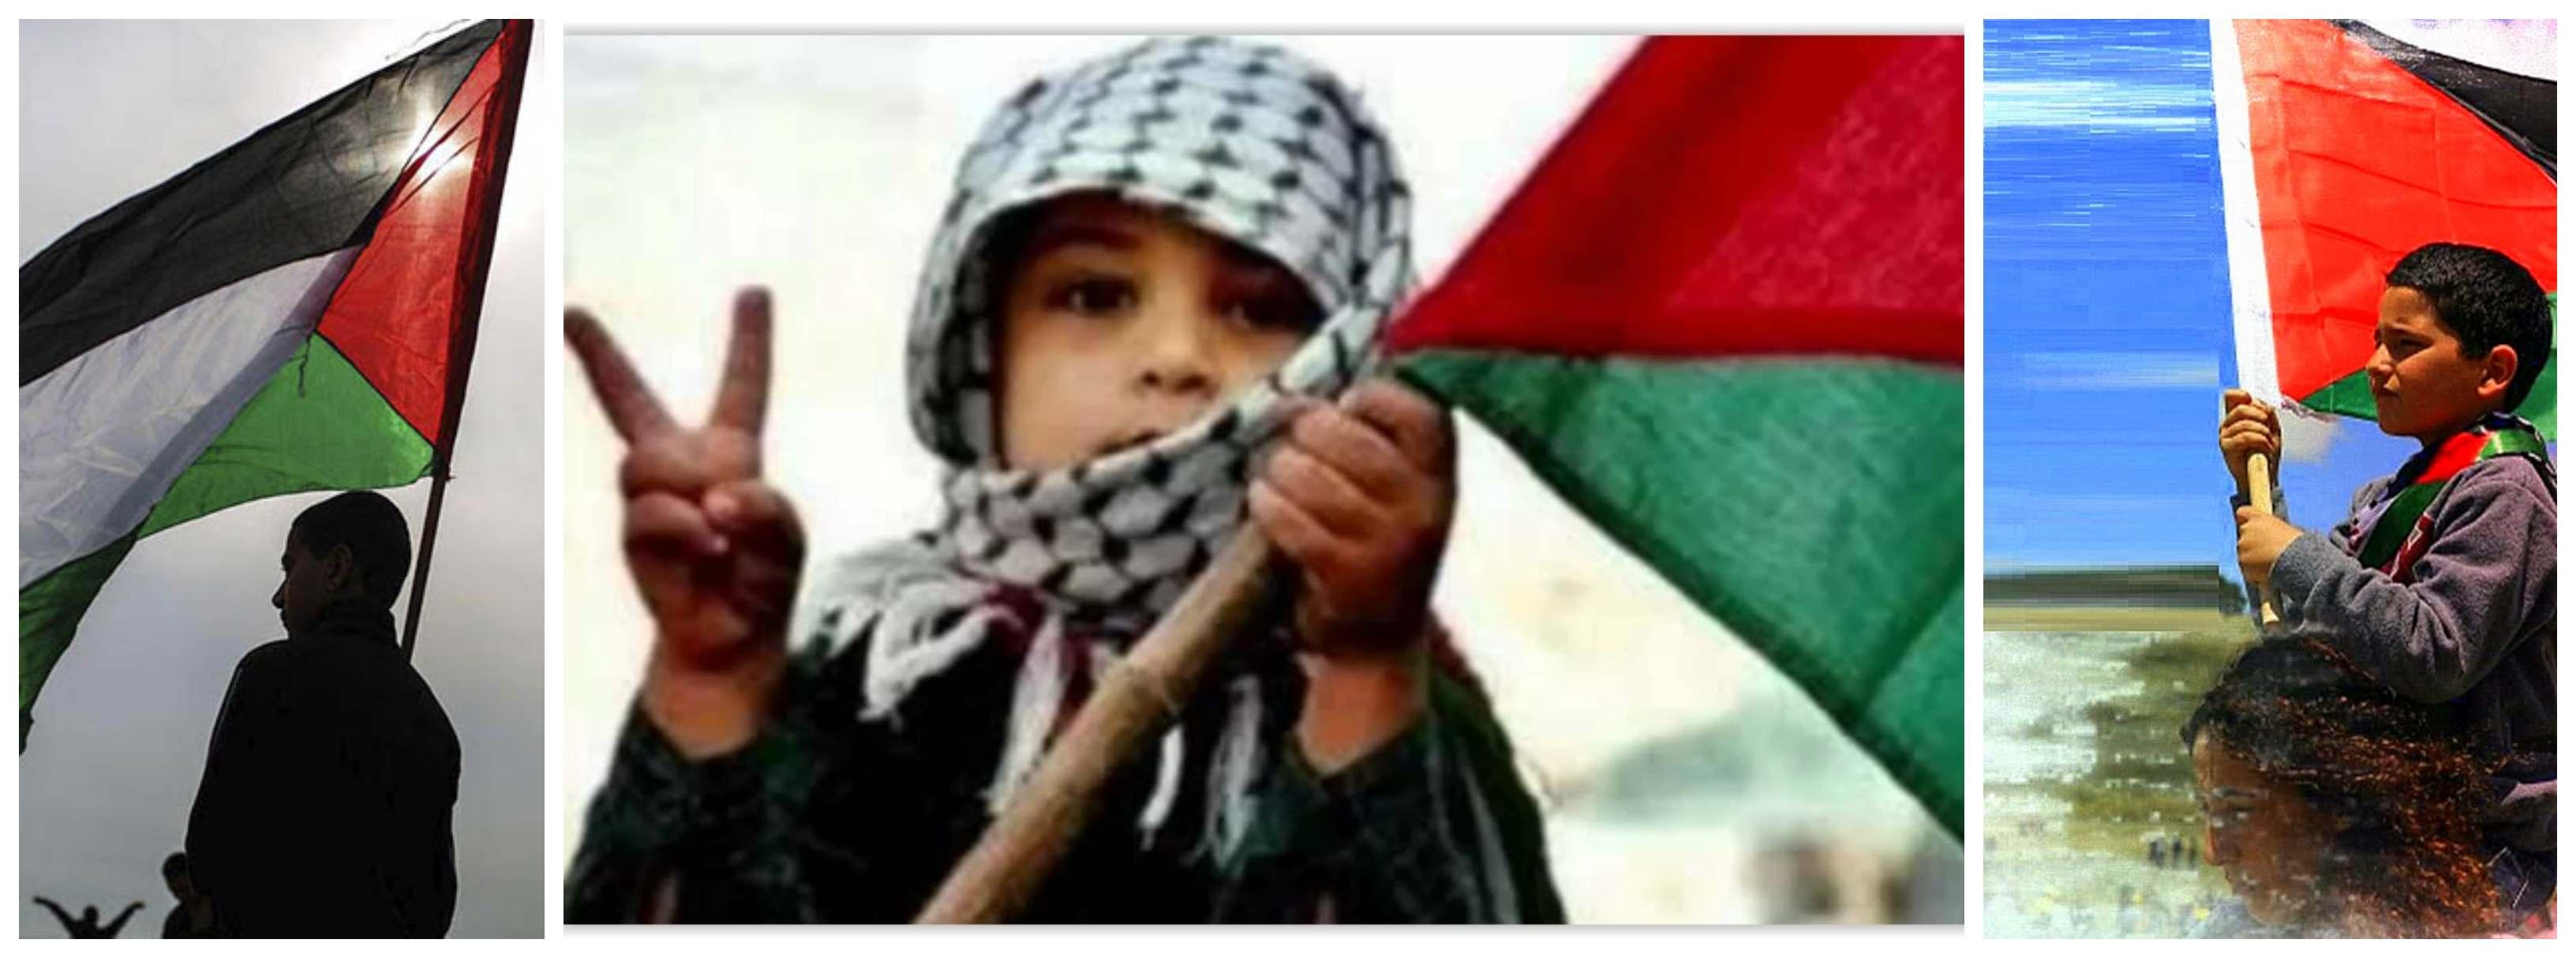 Entidades se solidarizam com o povo palestino e sua luta à existência e ao território